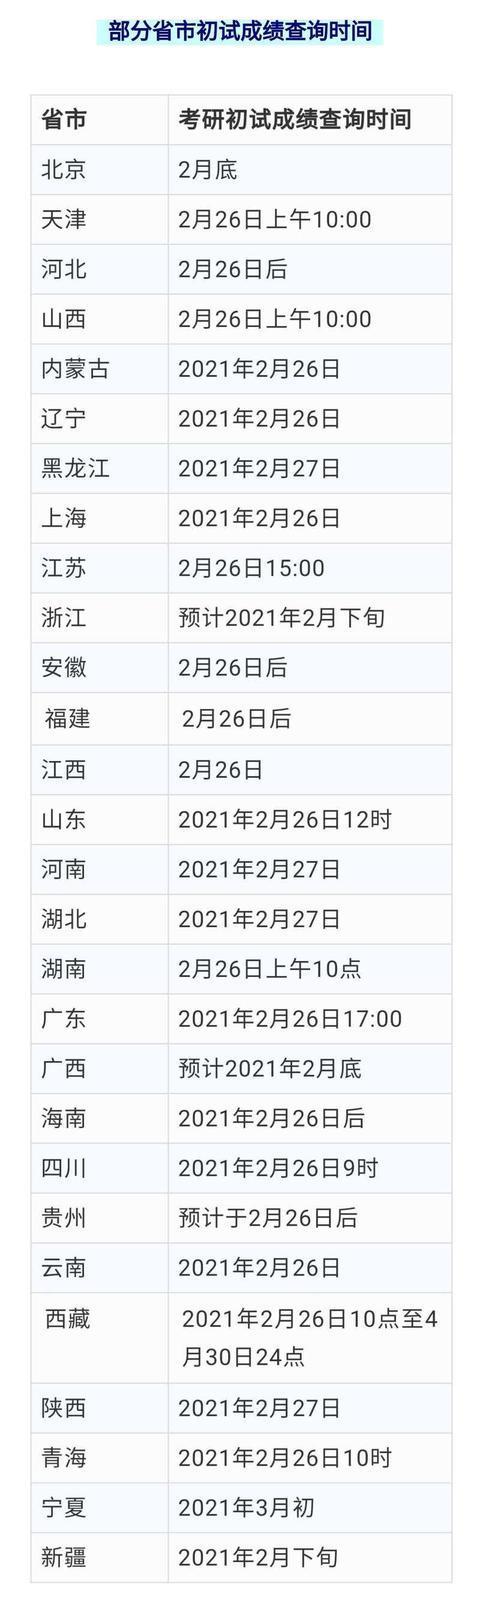 北京研究生成绩查询,教育部官宣!2021考研初试成绩今起陆续公布